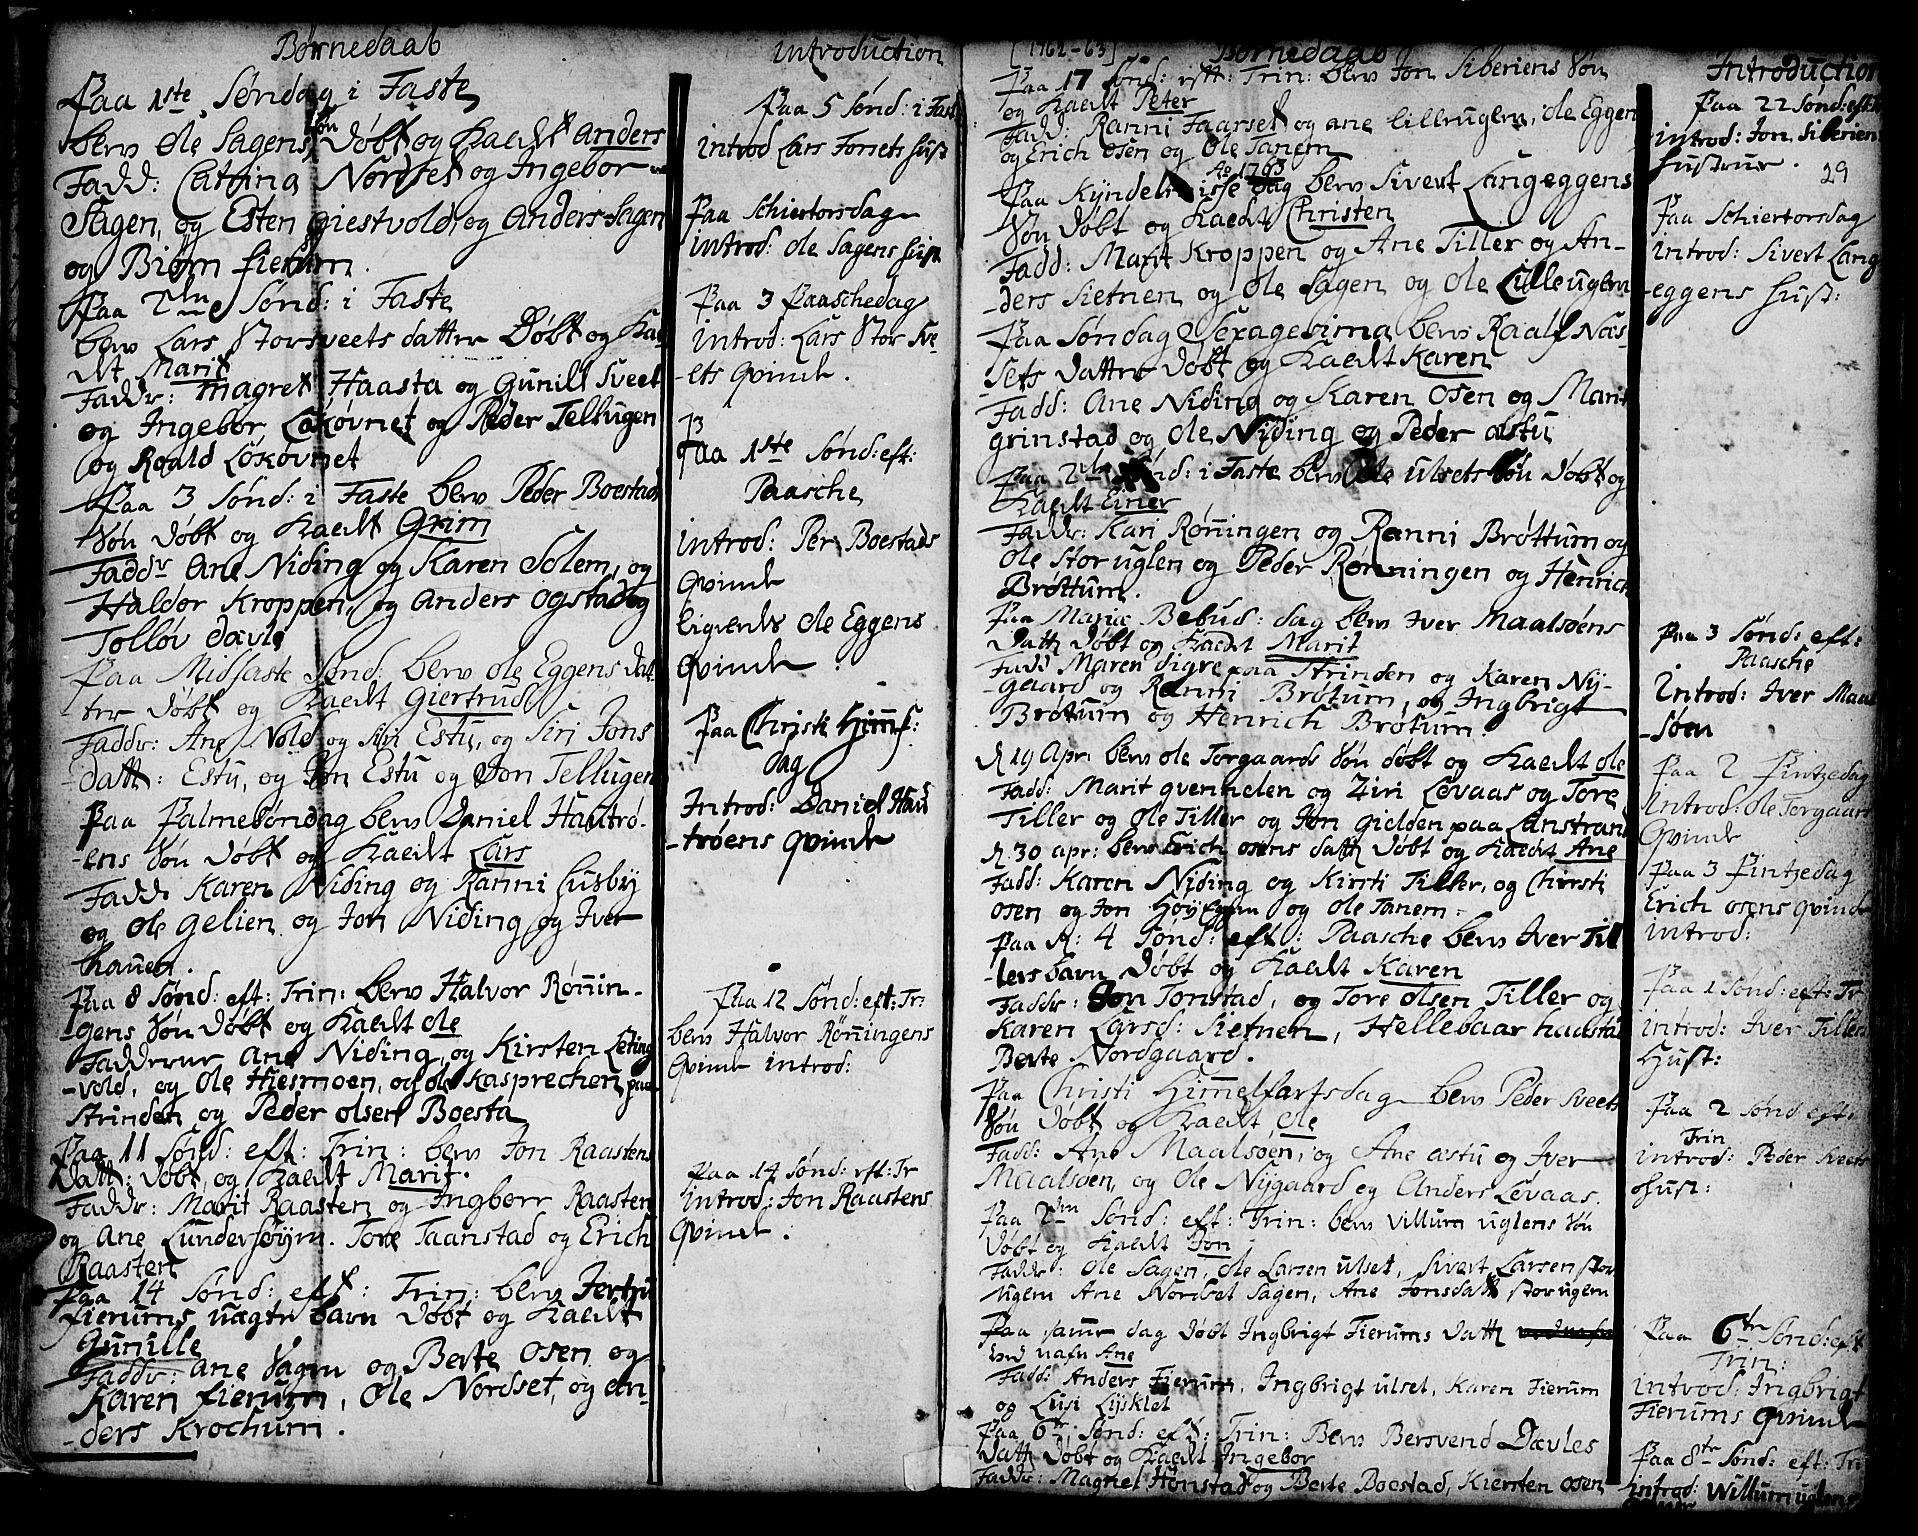 SAT, Ministerialprotokoller, klokkerbøker og fødselsregistre - Sør-Trøndelag, 618/L0437: Ministerialbok nr. 618A02, 1749-1782, s. 29